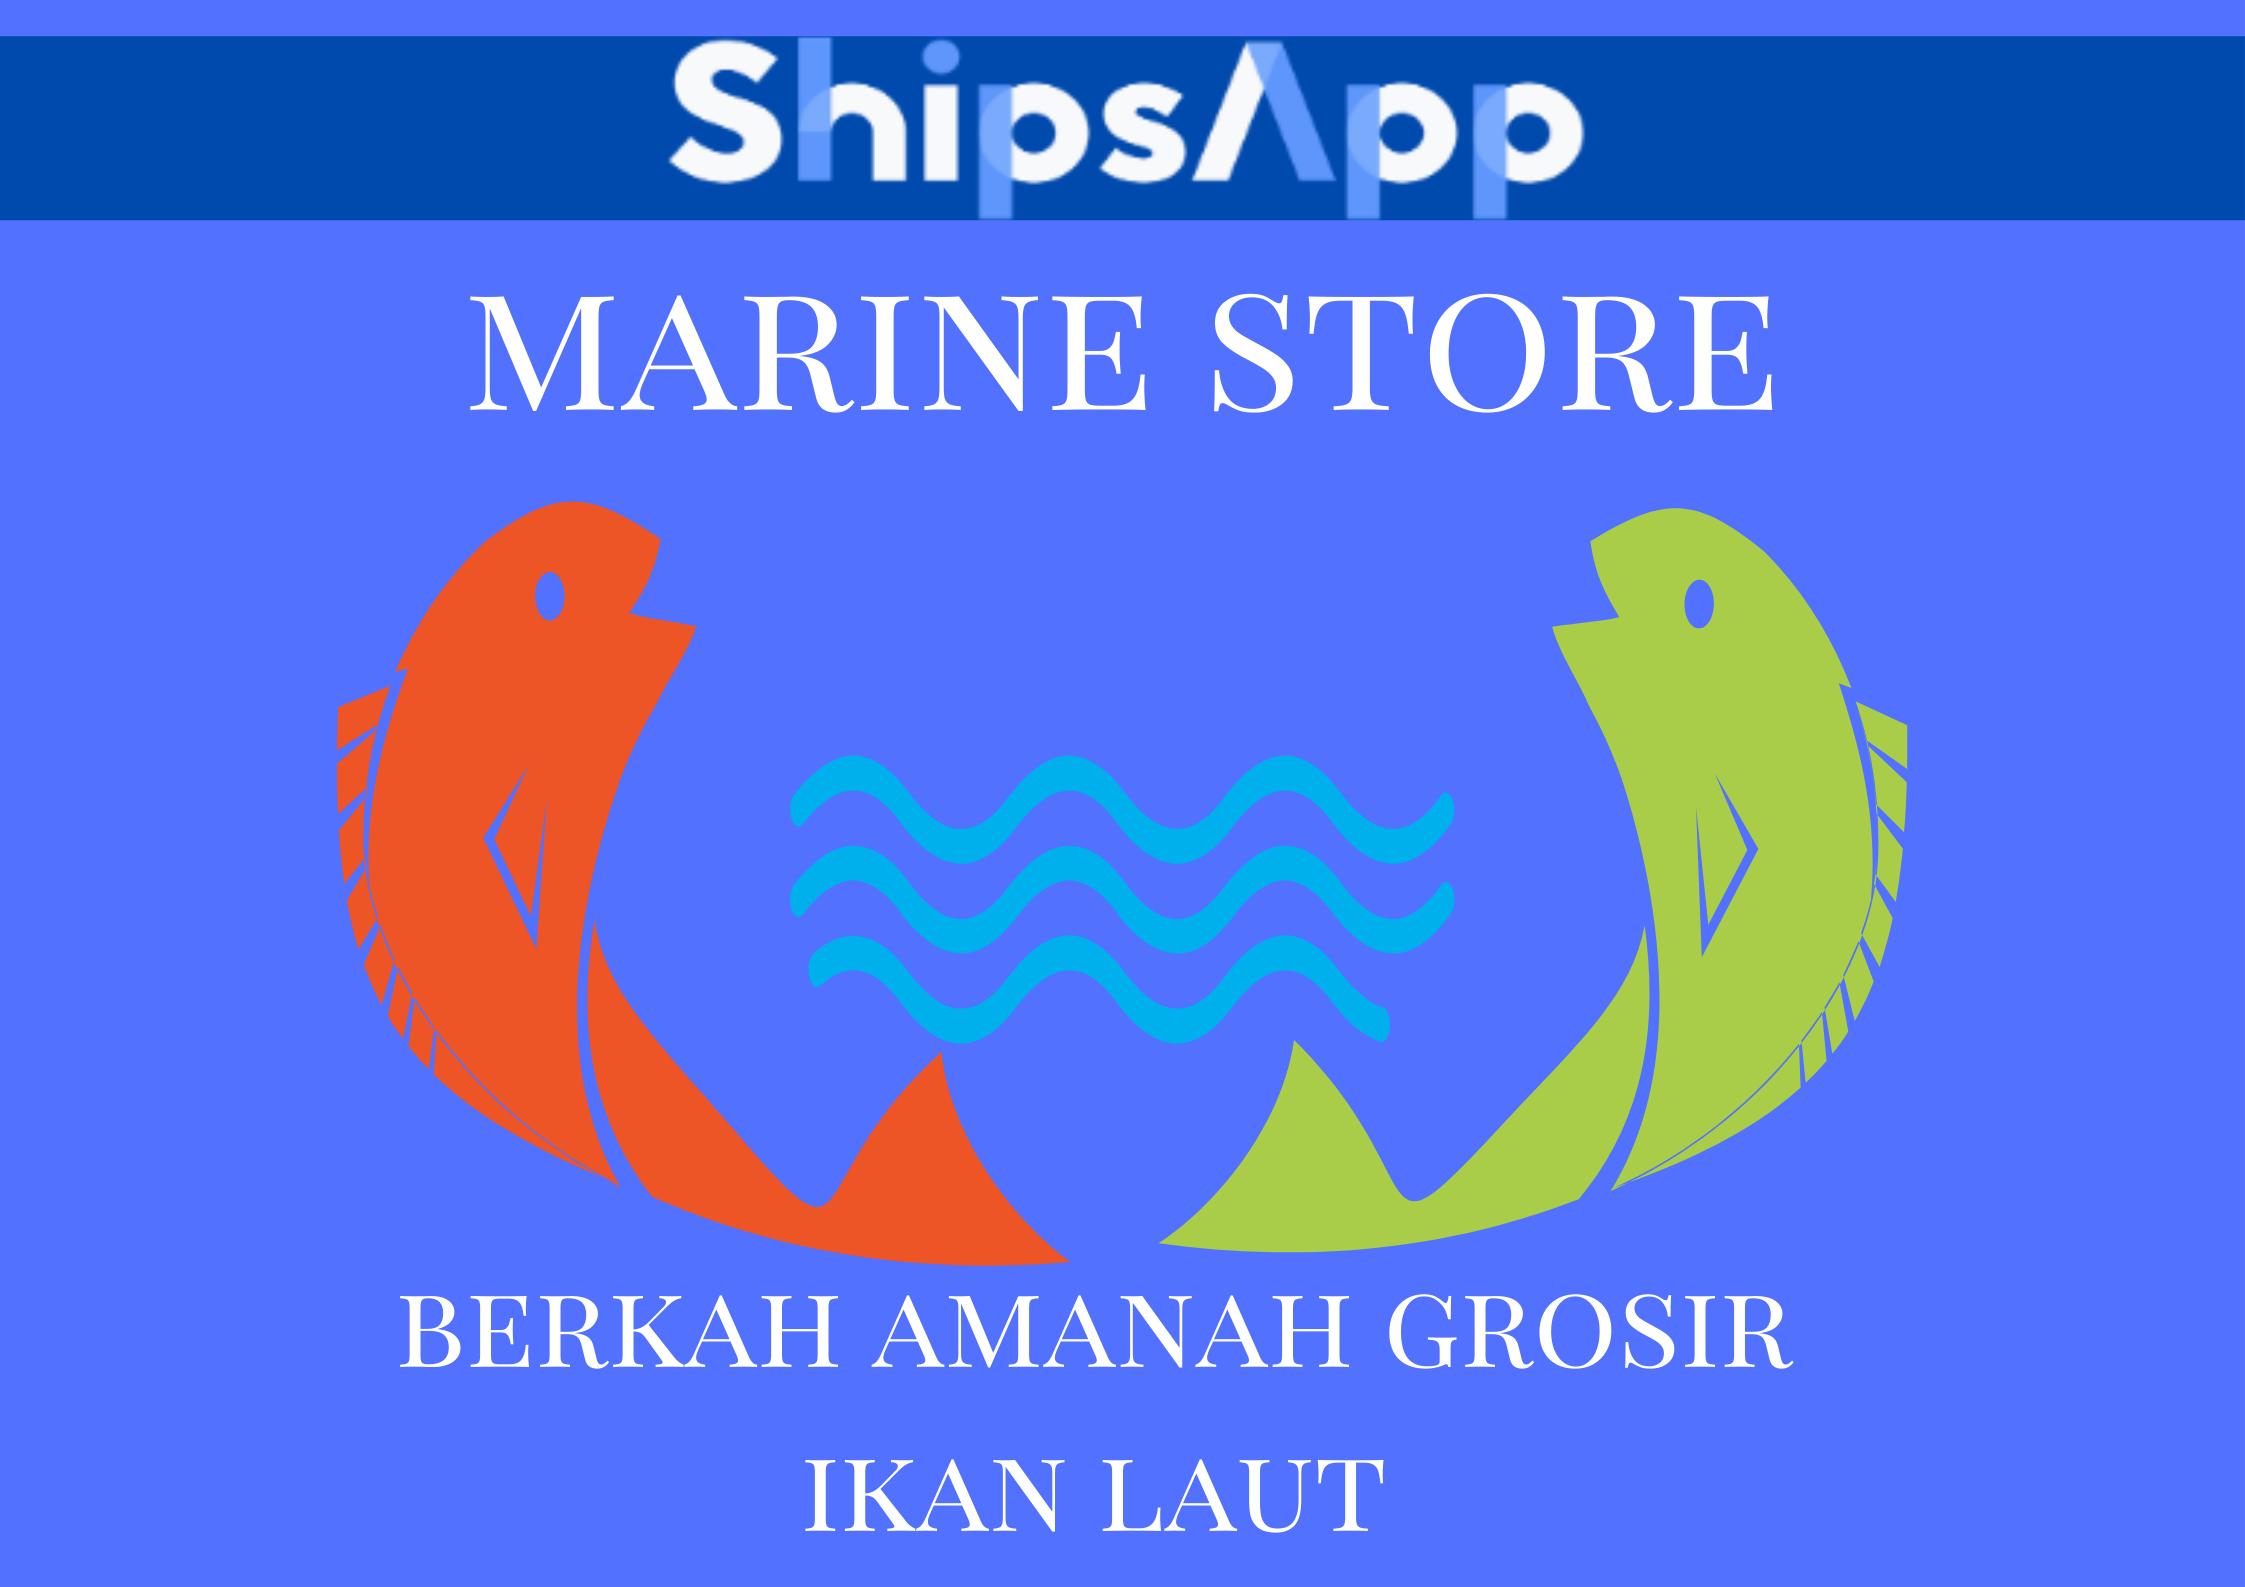 Marine Store Berkah Amanah Grosir Ikan Laut